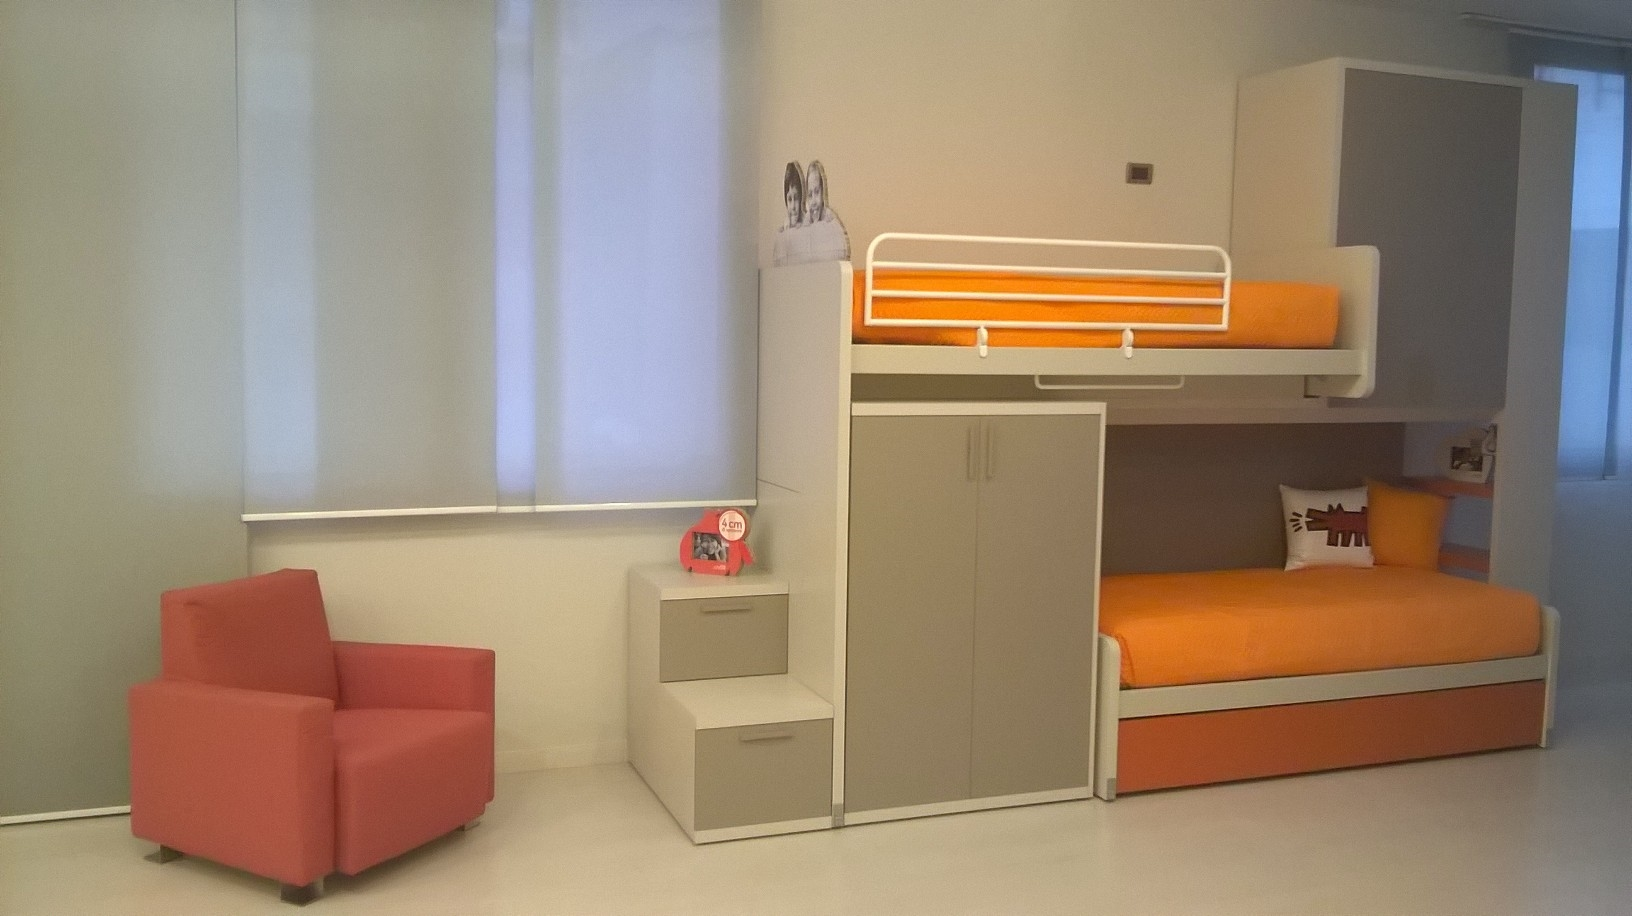 Camere da letto in legno - Camera letto soppalco ...